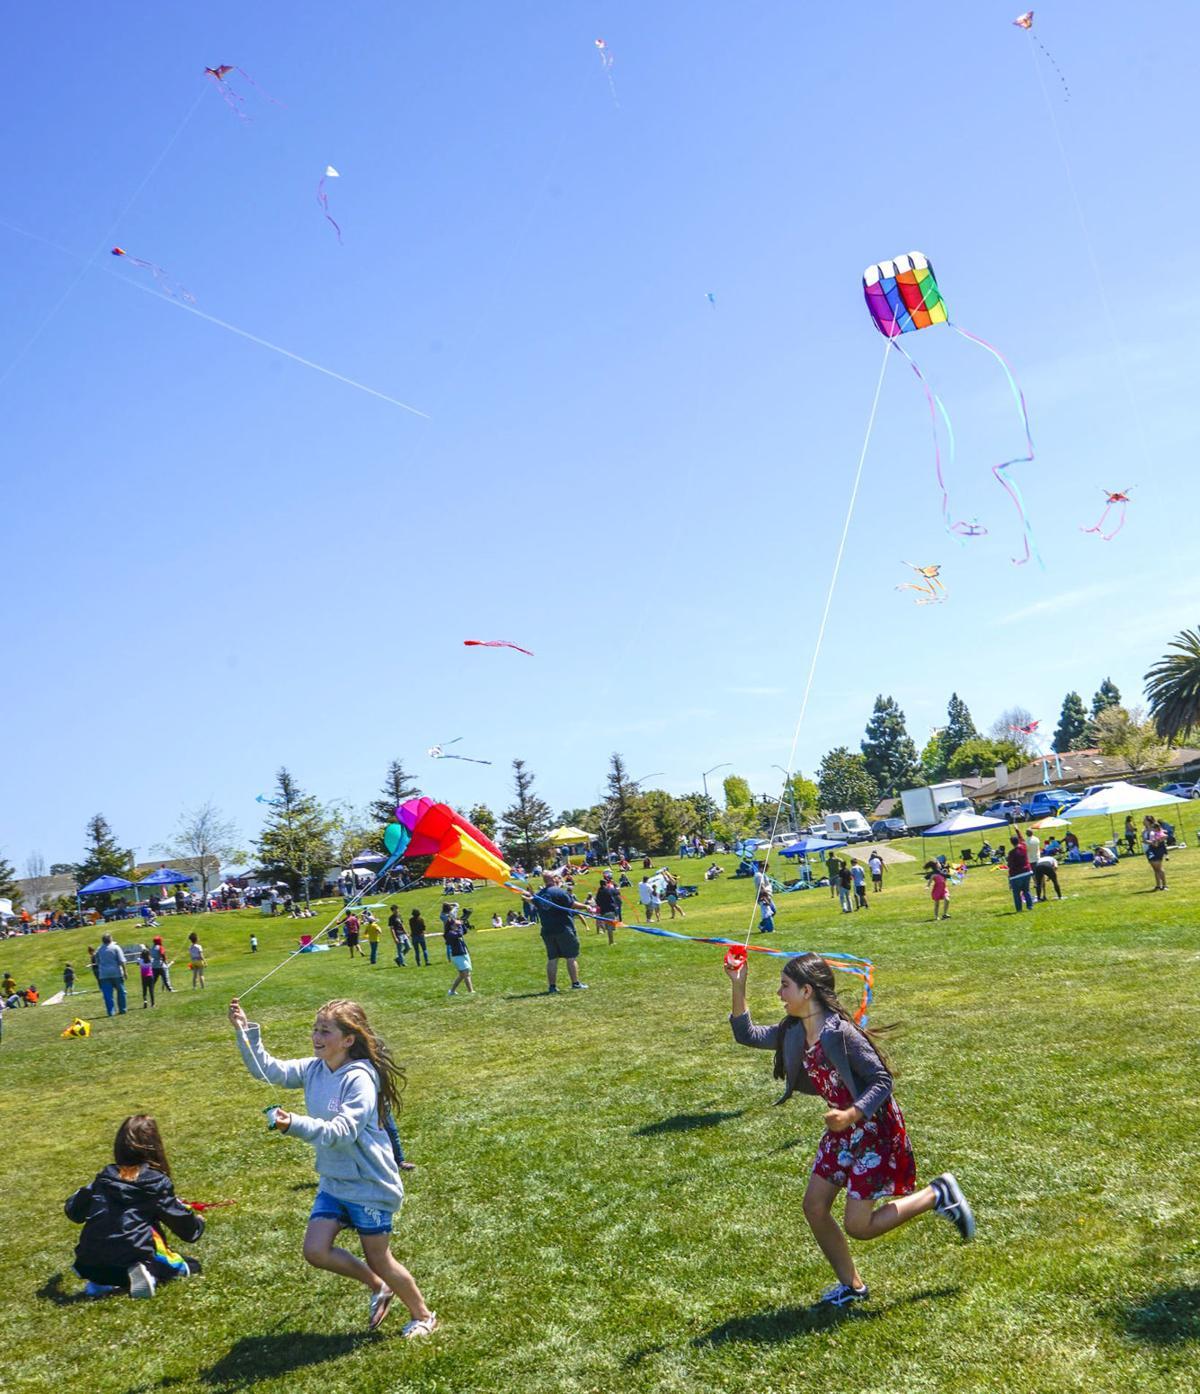 041419 Kite Festival 18.jpg